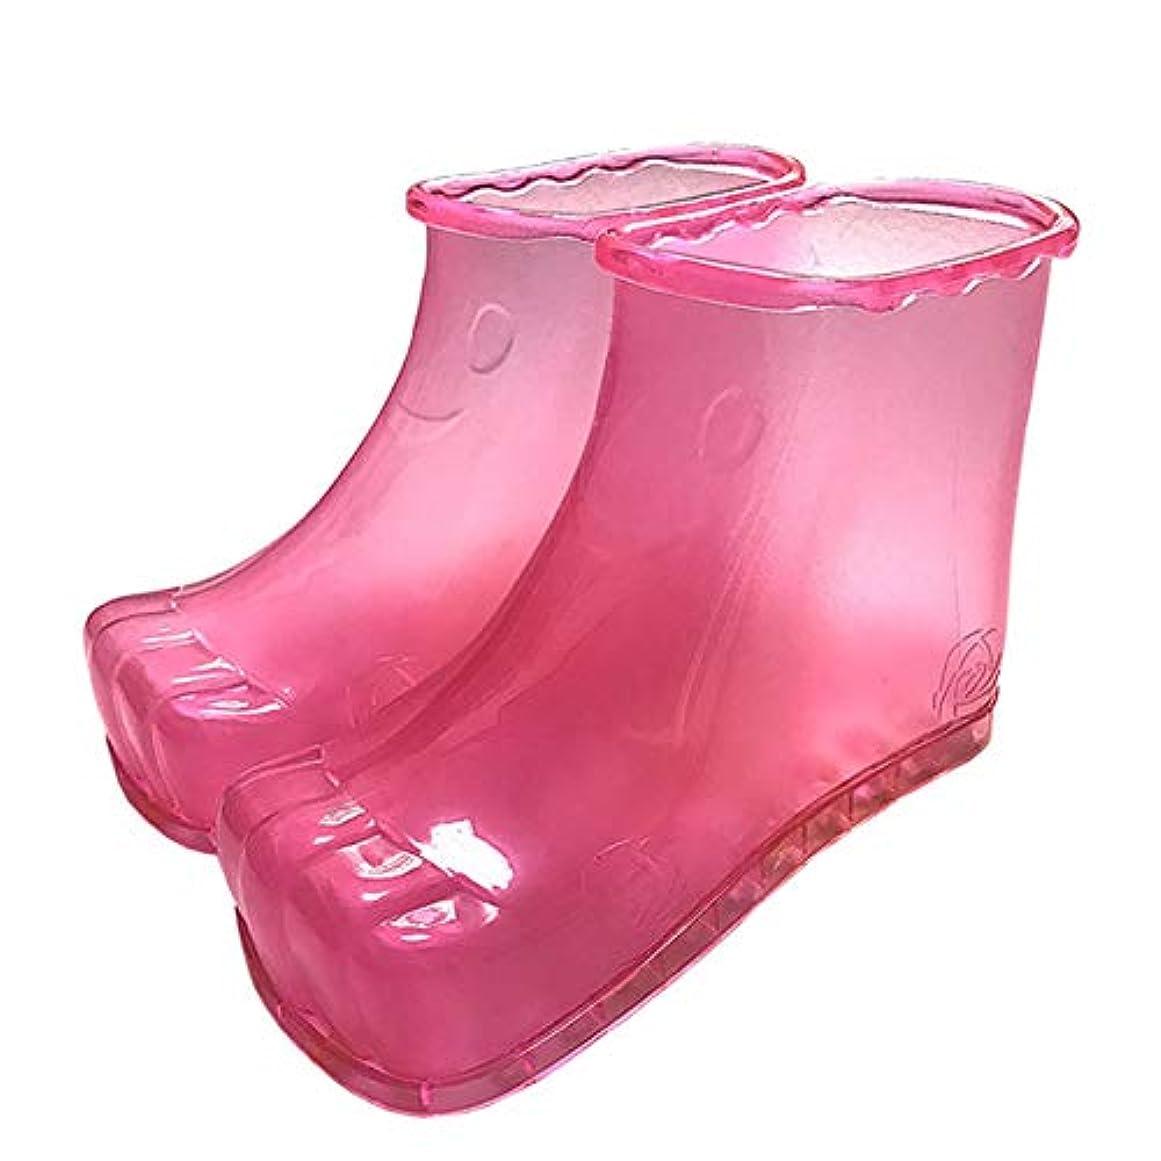 ポジション徐々に排泄するBTFirst フットバスマッサージブーツスパホームリラクゼーションバケットブーツフットケアホットシューズ女性洗浄足ホームマッサージプラスチックフットバスフットバスシューズ足入浴足アーティファクト 実用的で丈夫